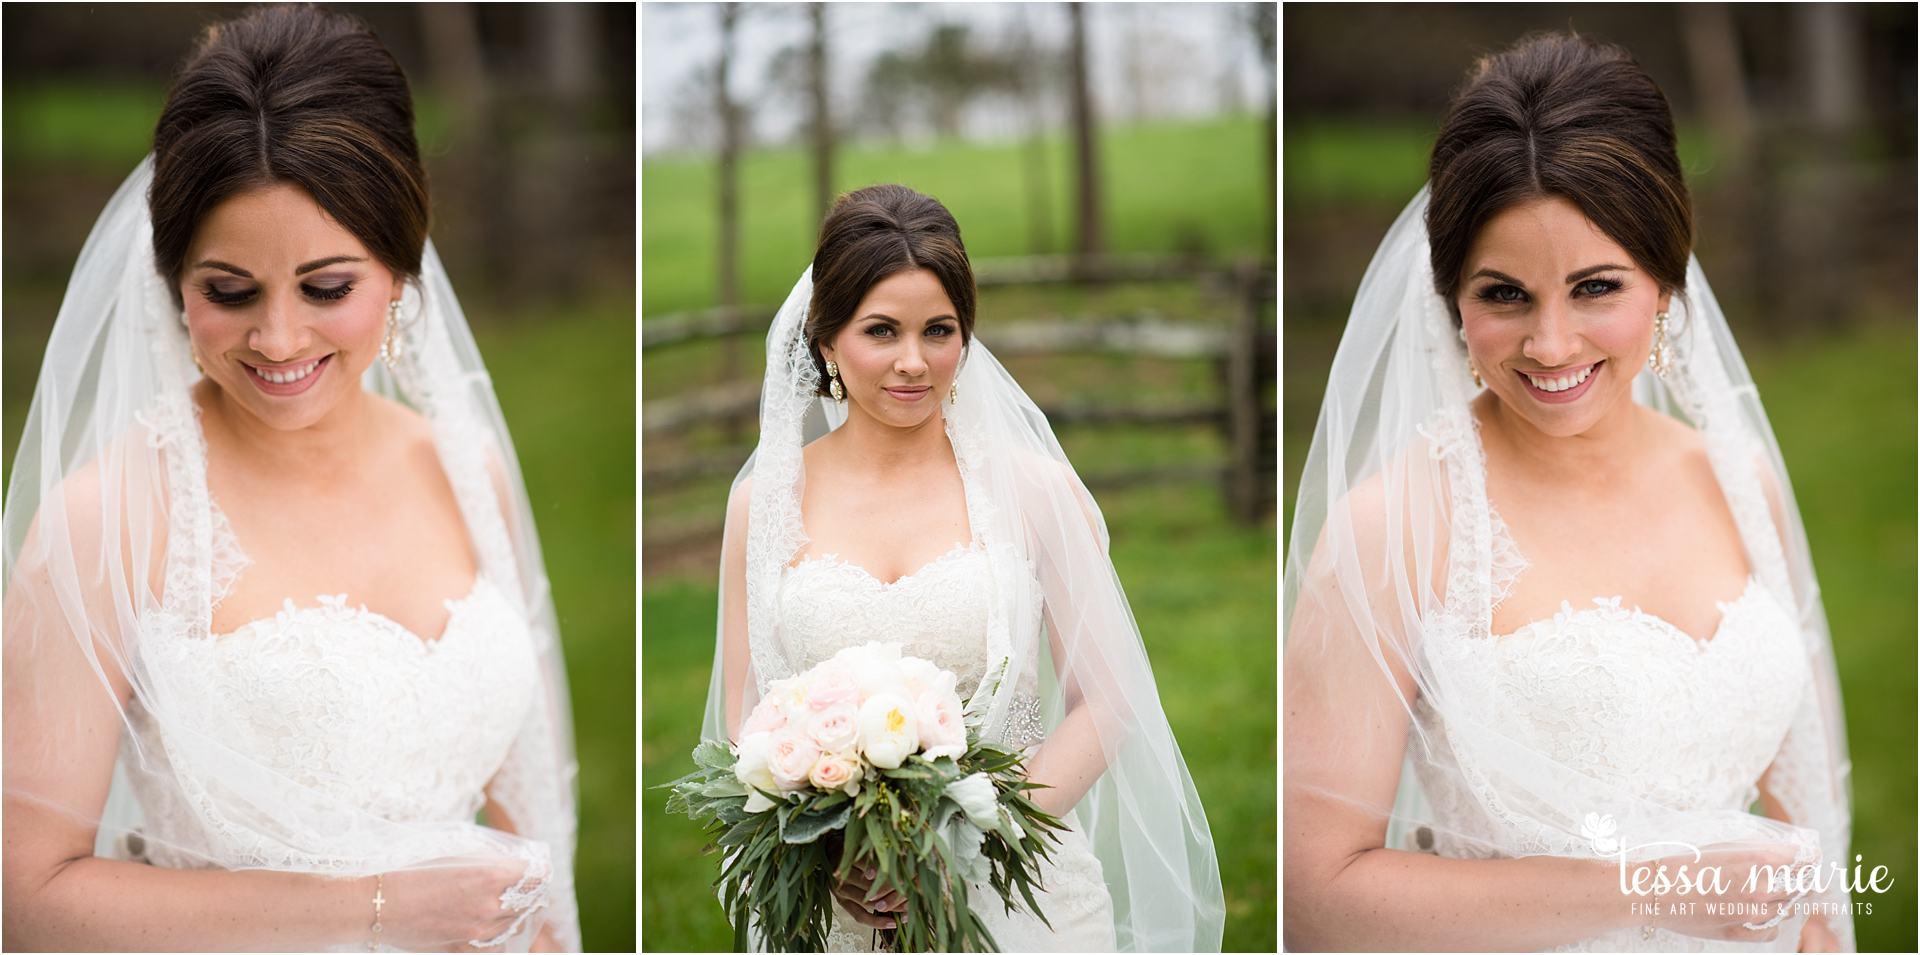 032216_brittany_kevin_wedding-34